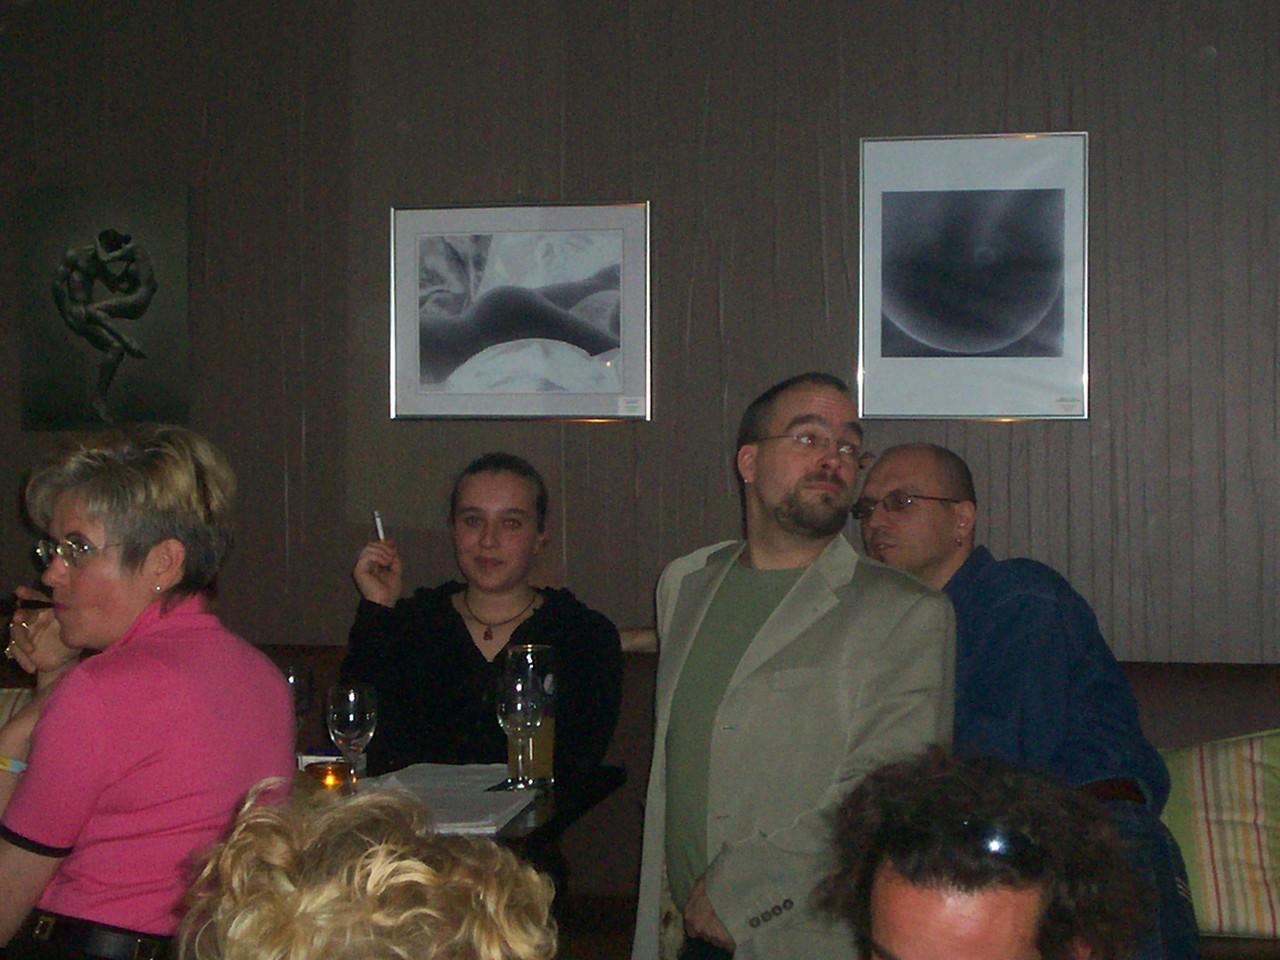 Veranstaltung 2006 | Stefanie Burger und Martin Skerhut